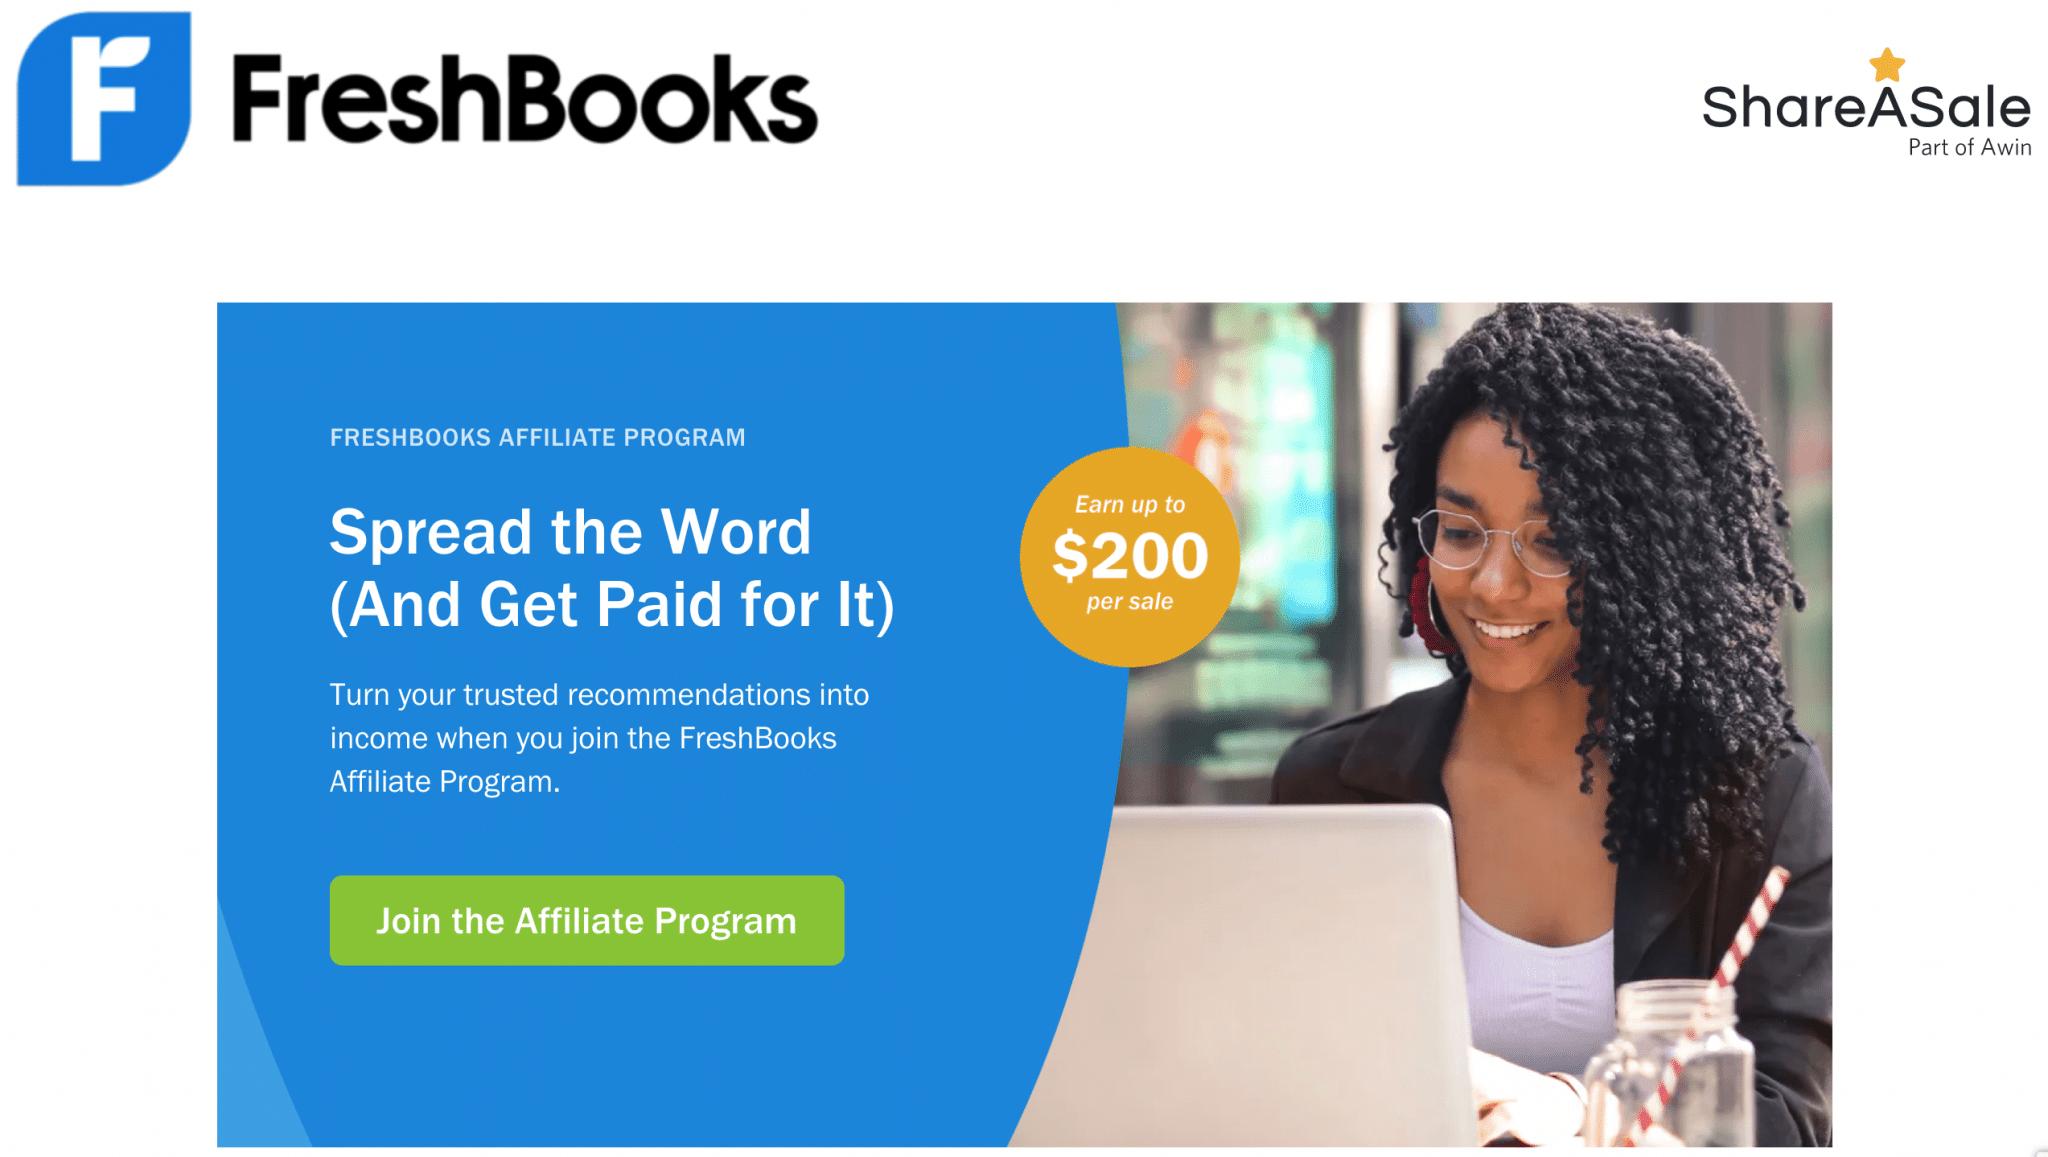 freshbooks - affiliate program